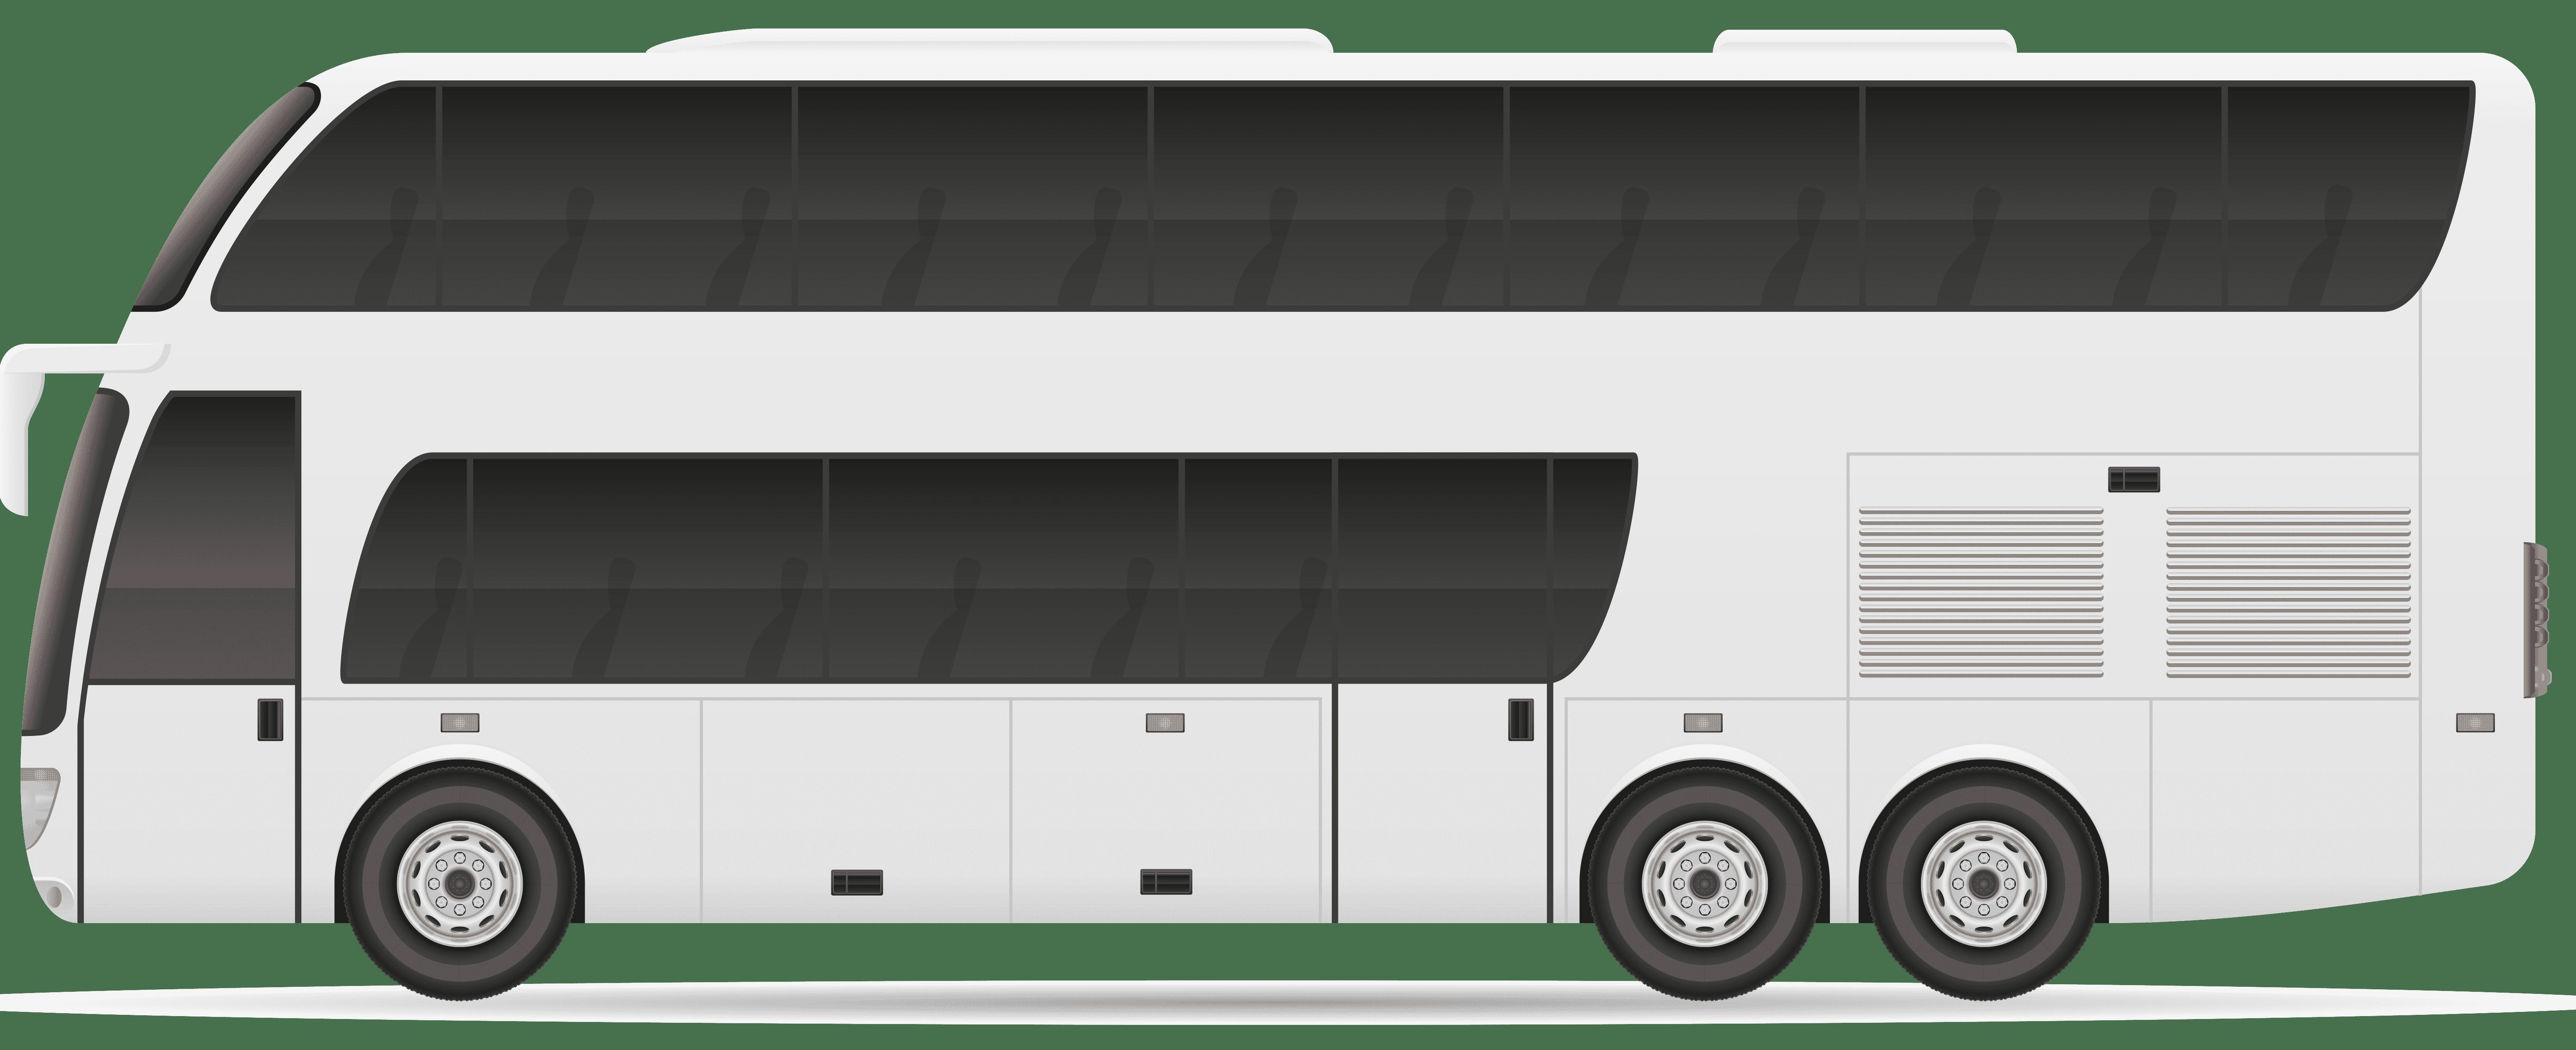 Dubbeldekker bus huren Venlo ikwileengoedkopebushuren.nl